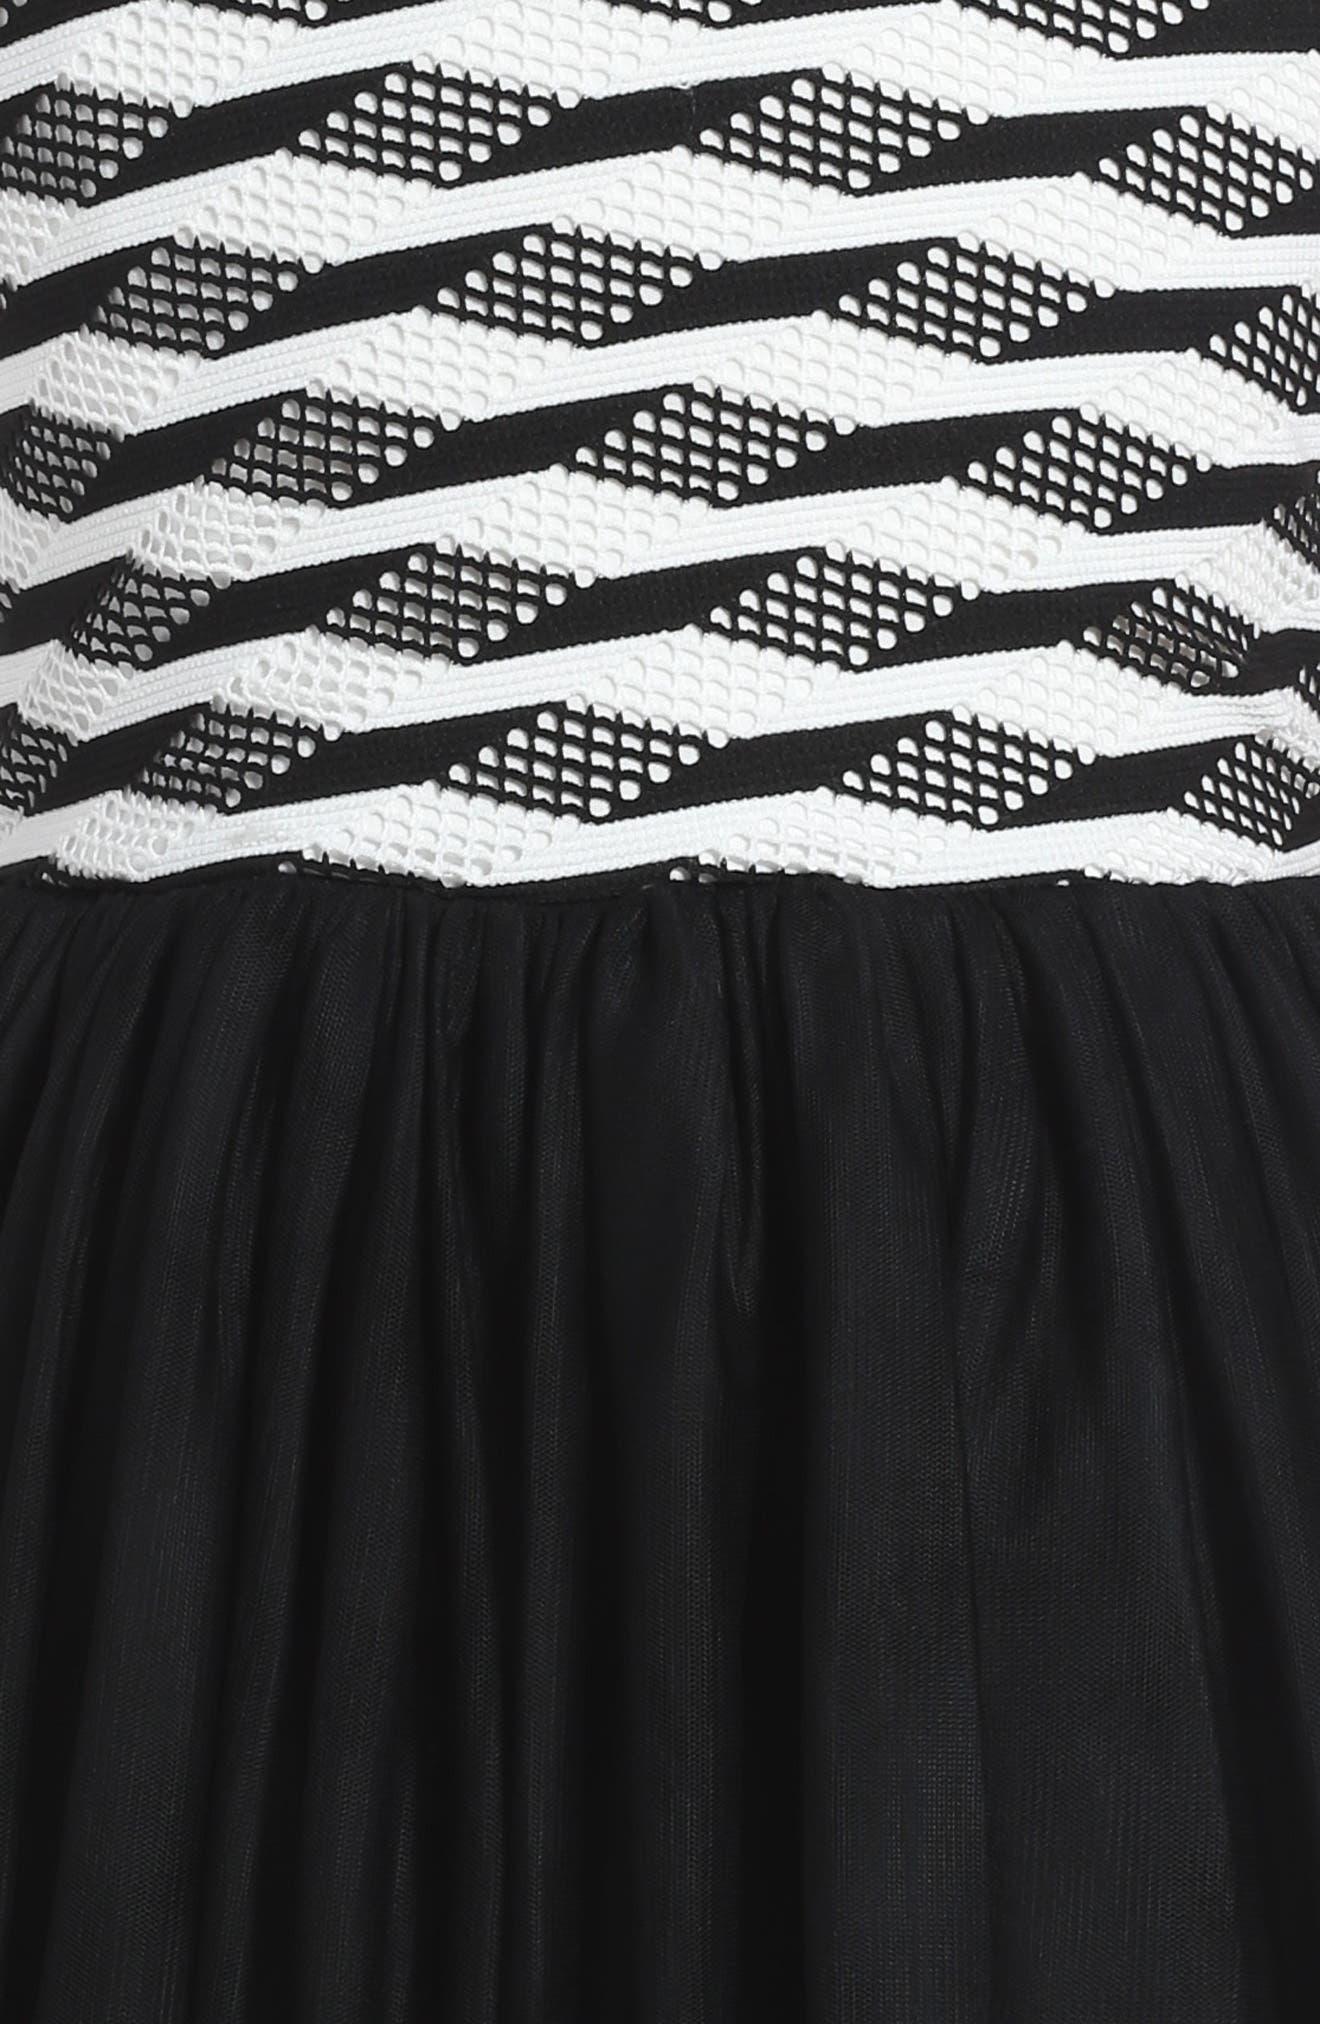 Alternate Image 3  - Pippa & Julie Stripe Tutu Dress (Toddler Girls, Little Girls & Big Girls)